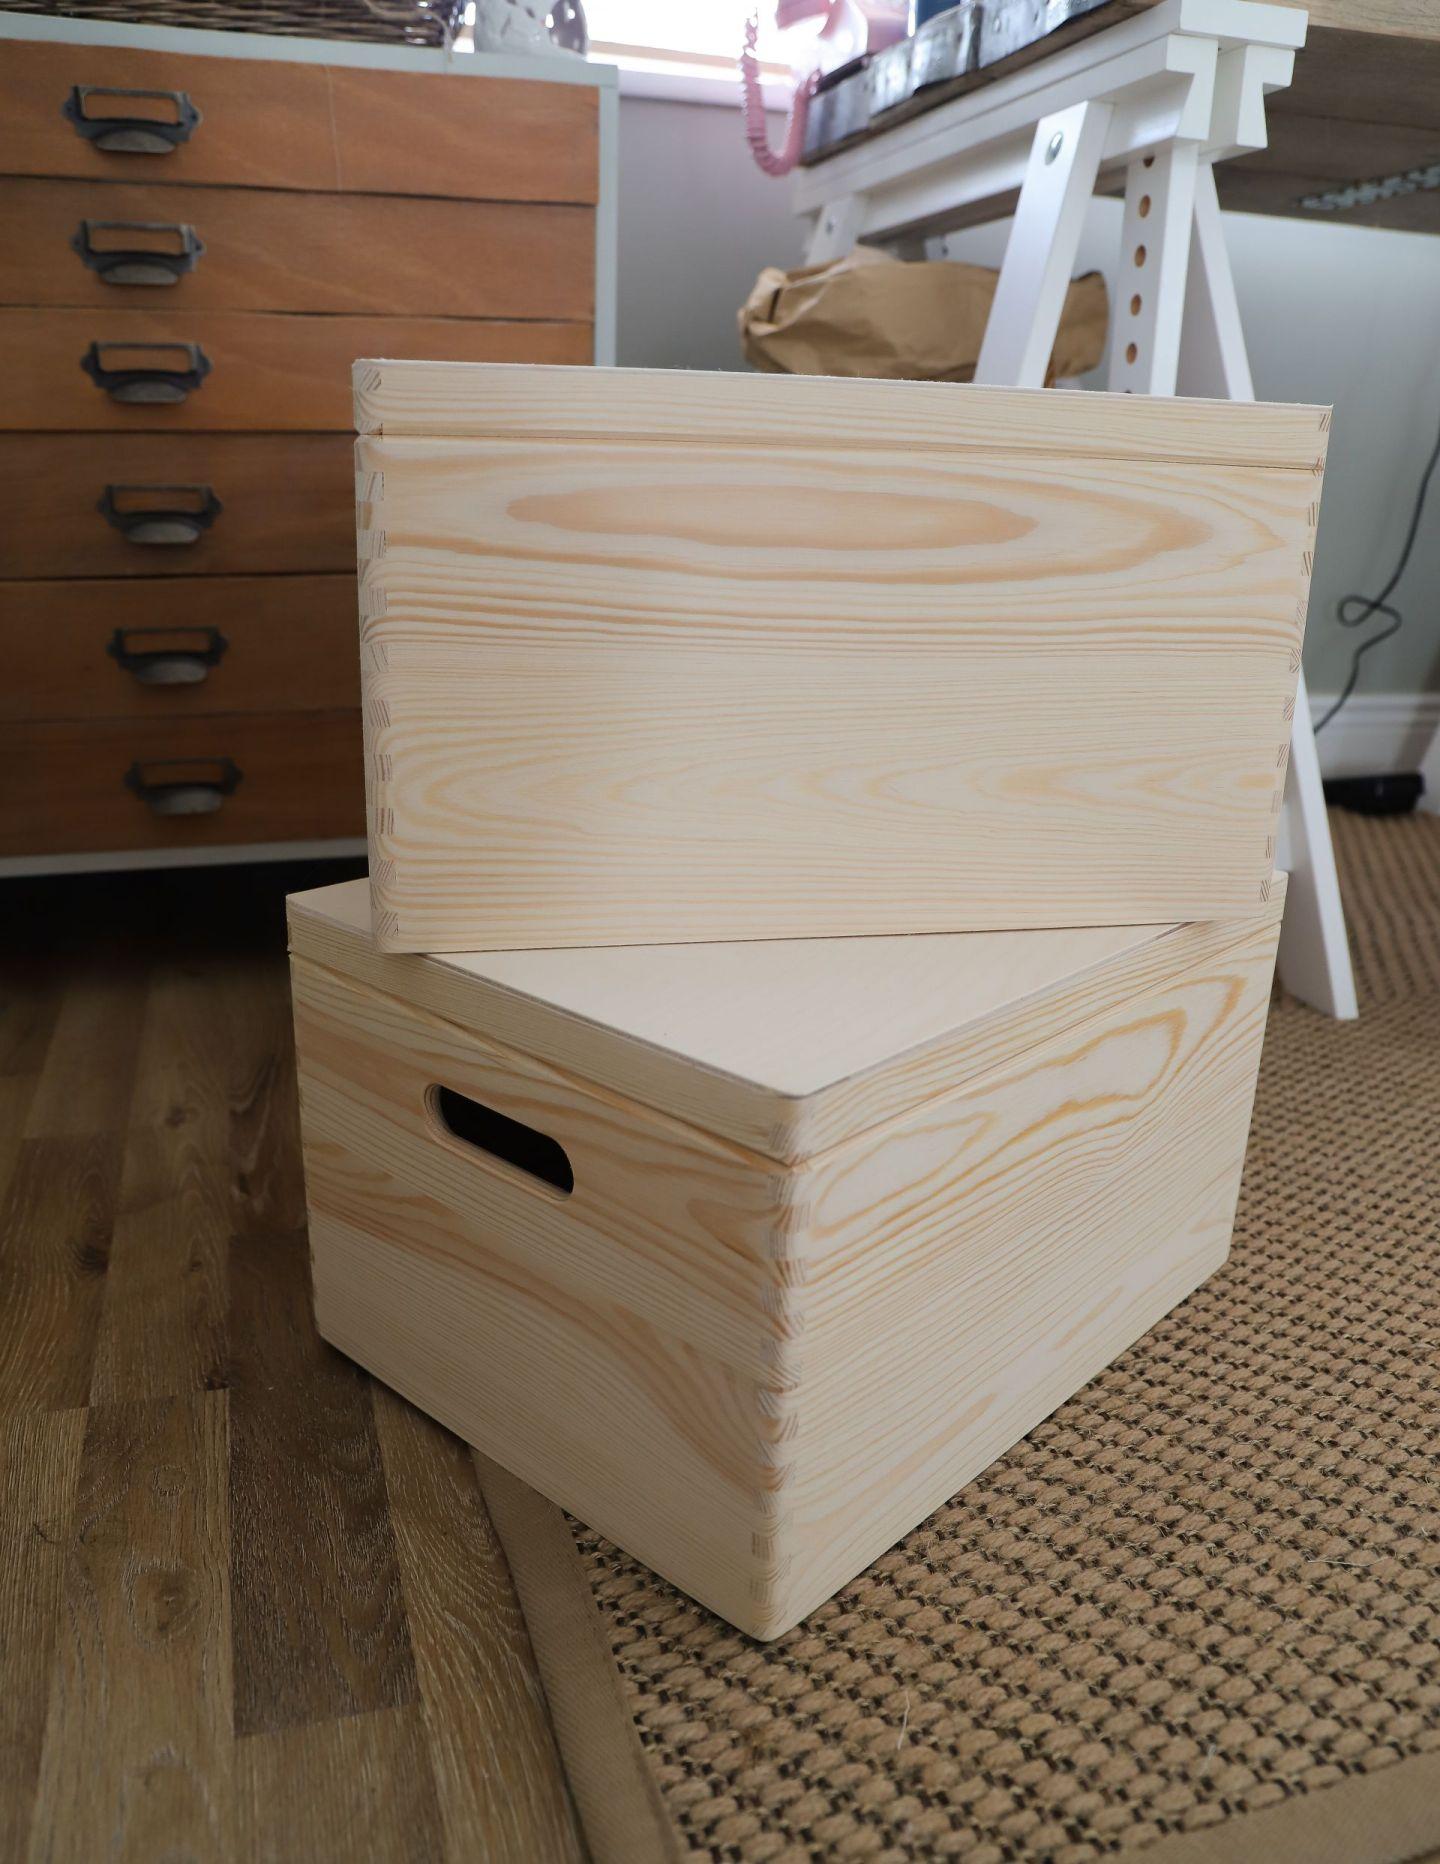 DIY Christmas Eve Box 2020